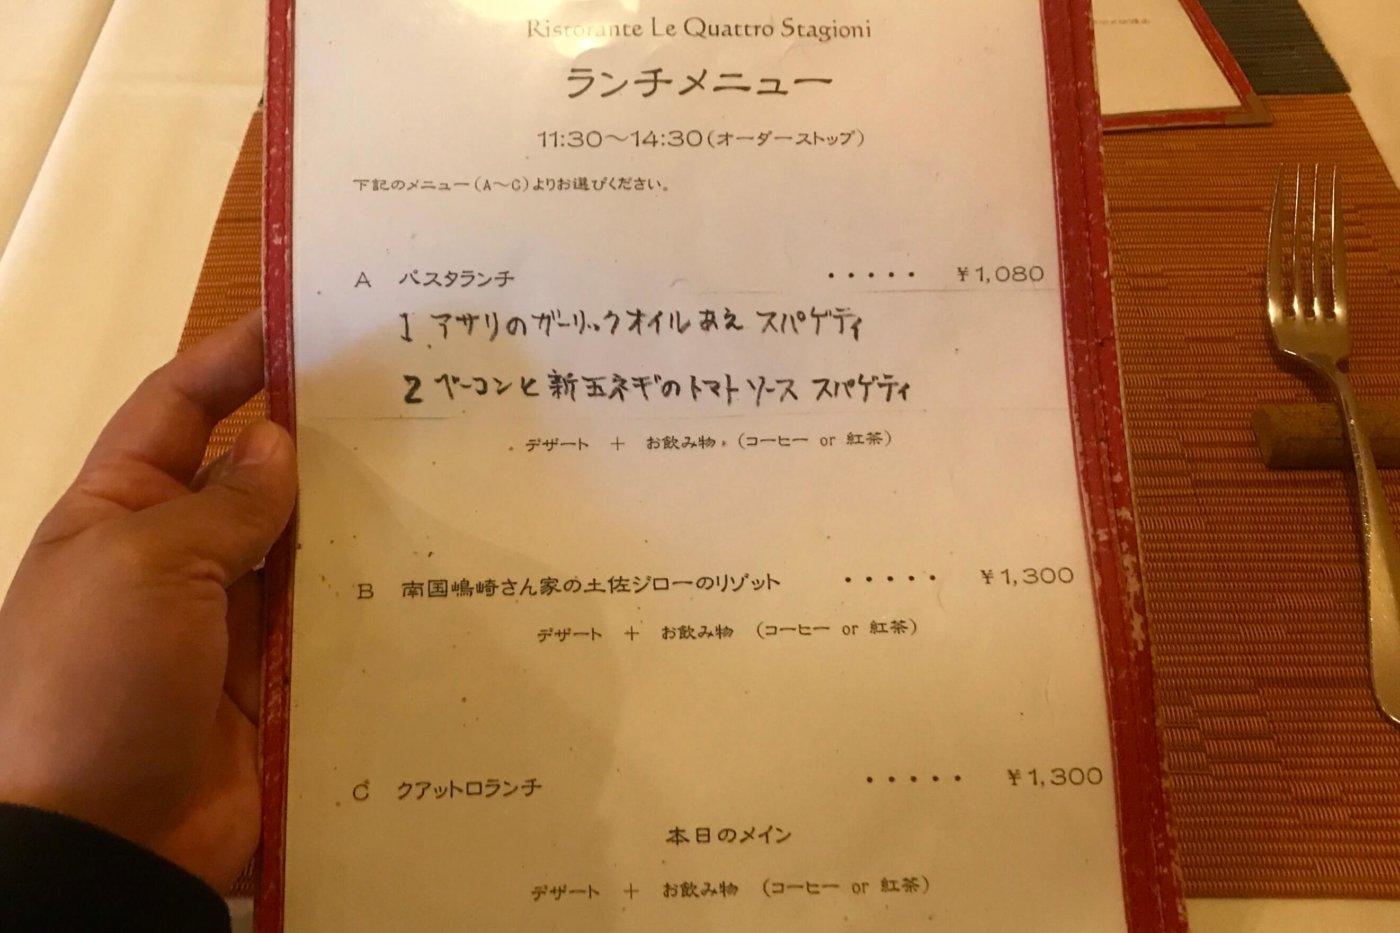 香美市土佐山田町のイタリア料理屋さんクアットロスタジオーニのメニュー